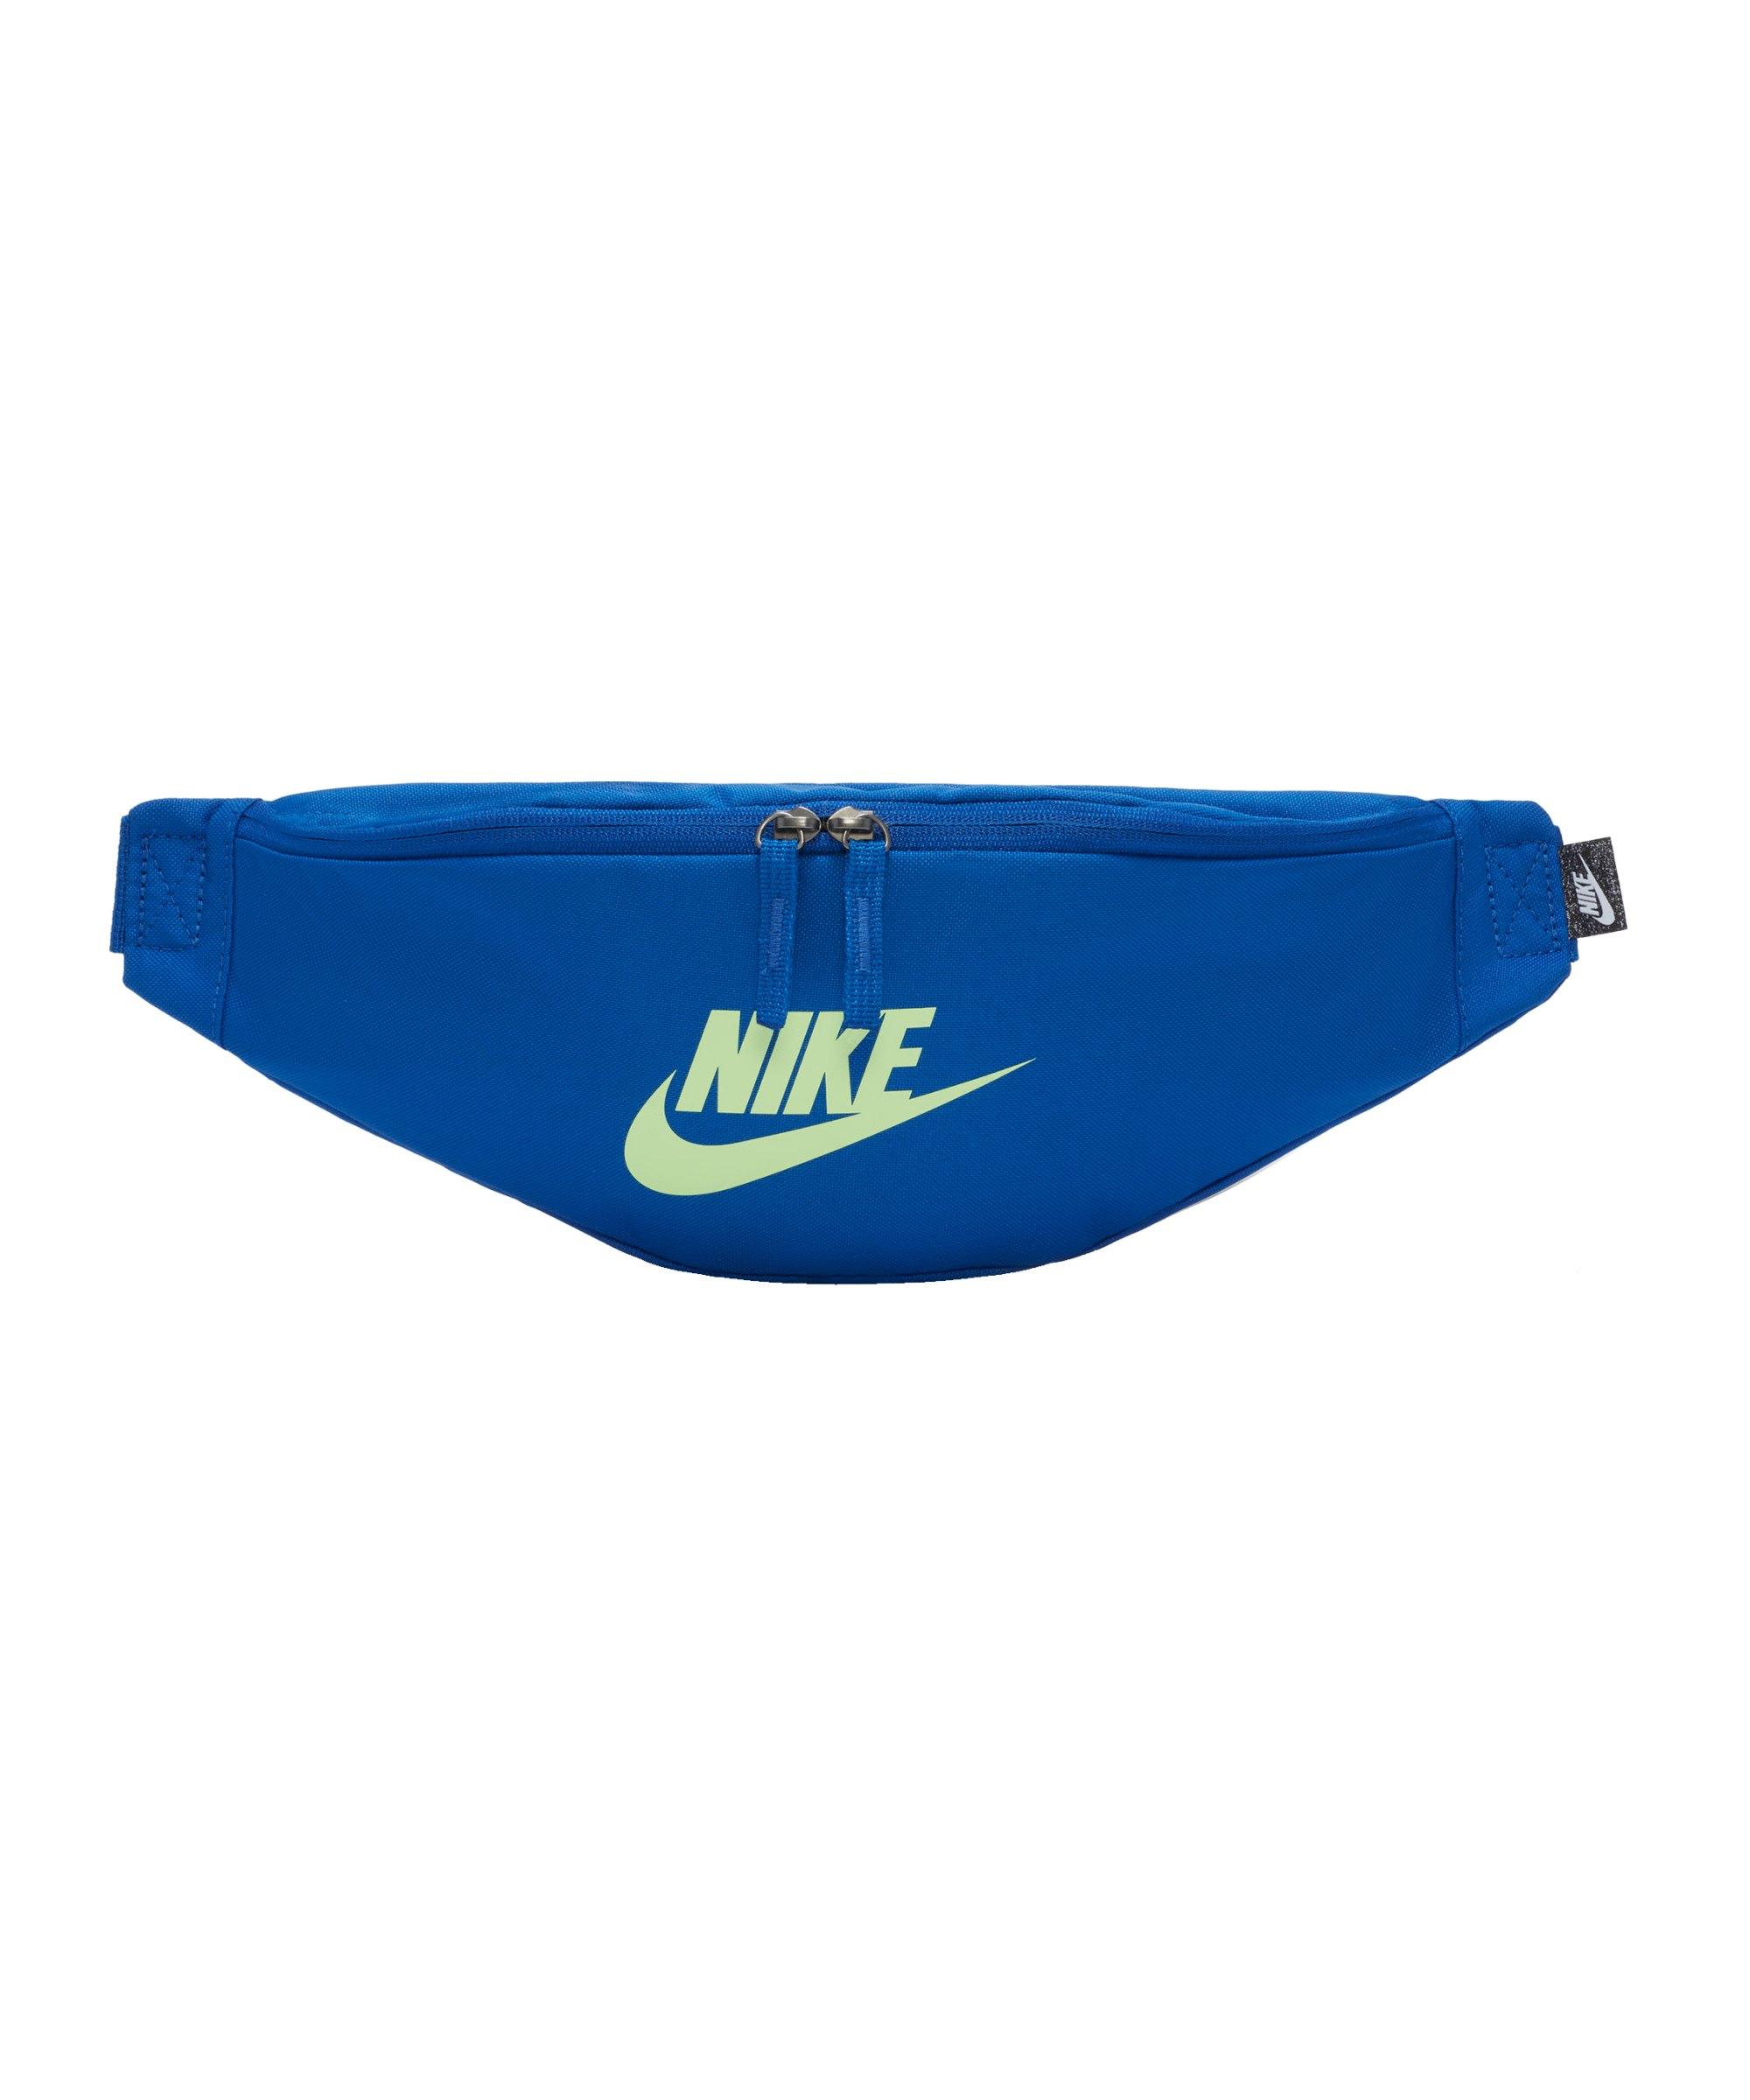 Nike Heritage Hüfttasche Blau F480 - blau